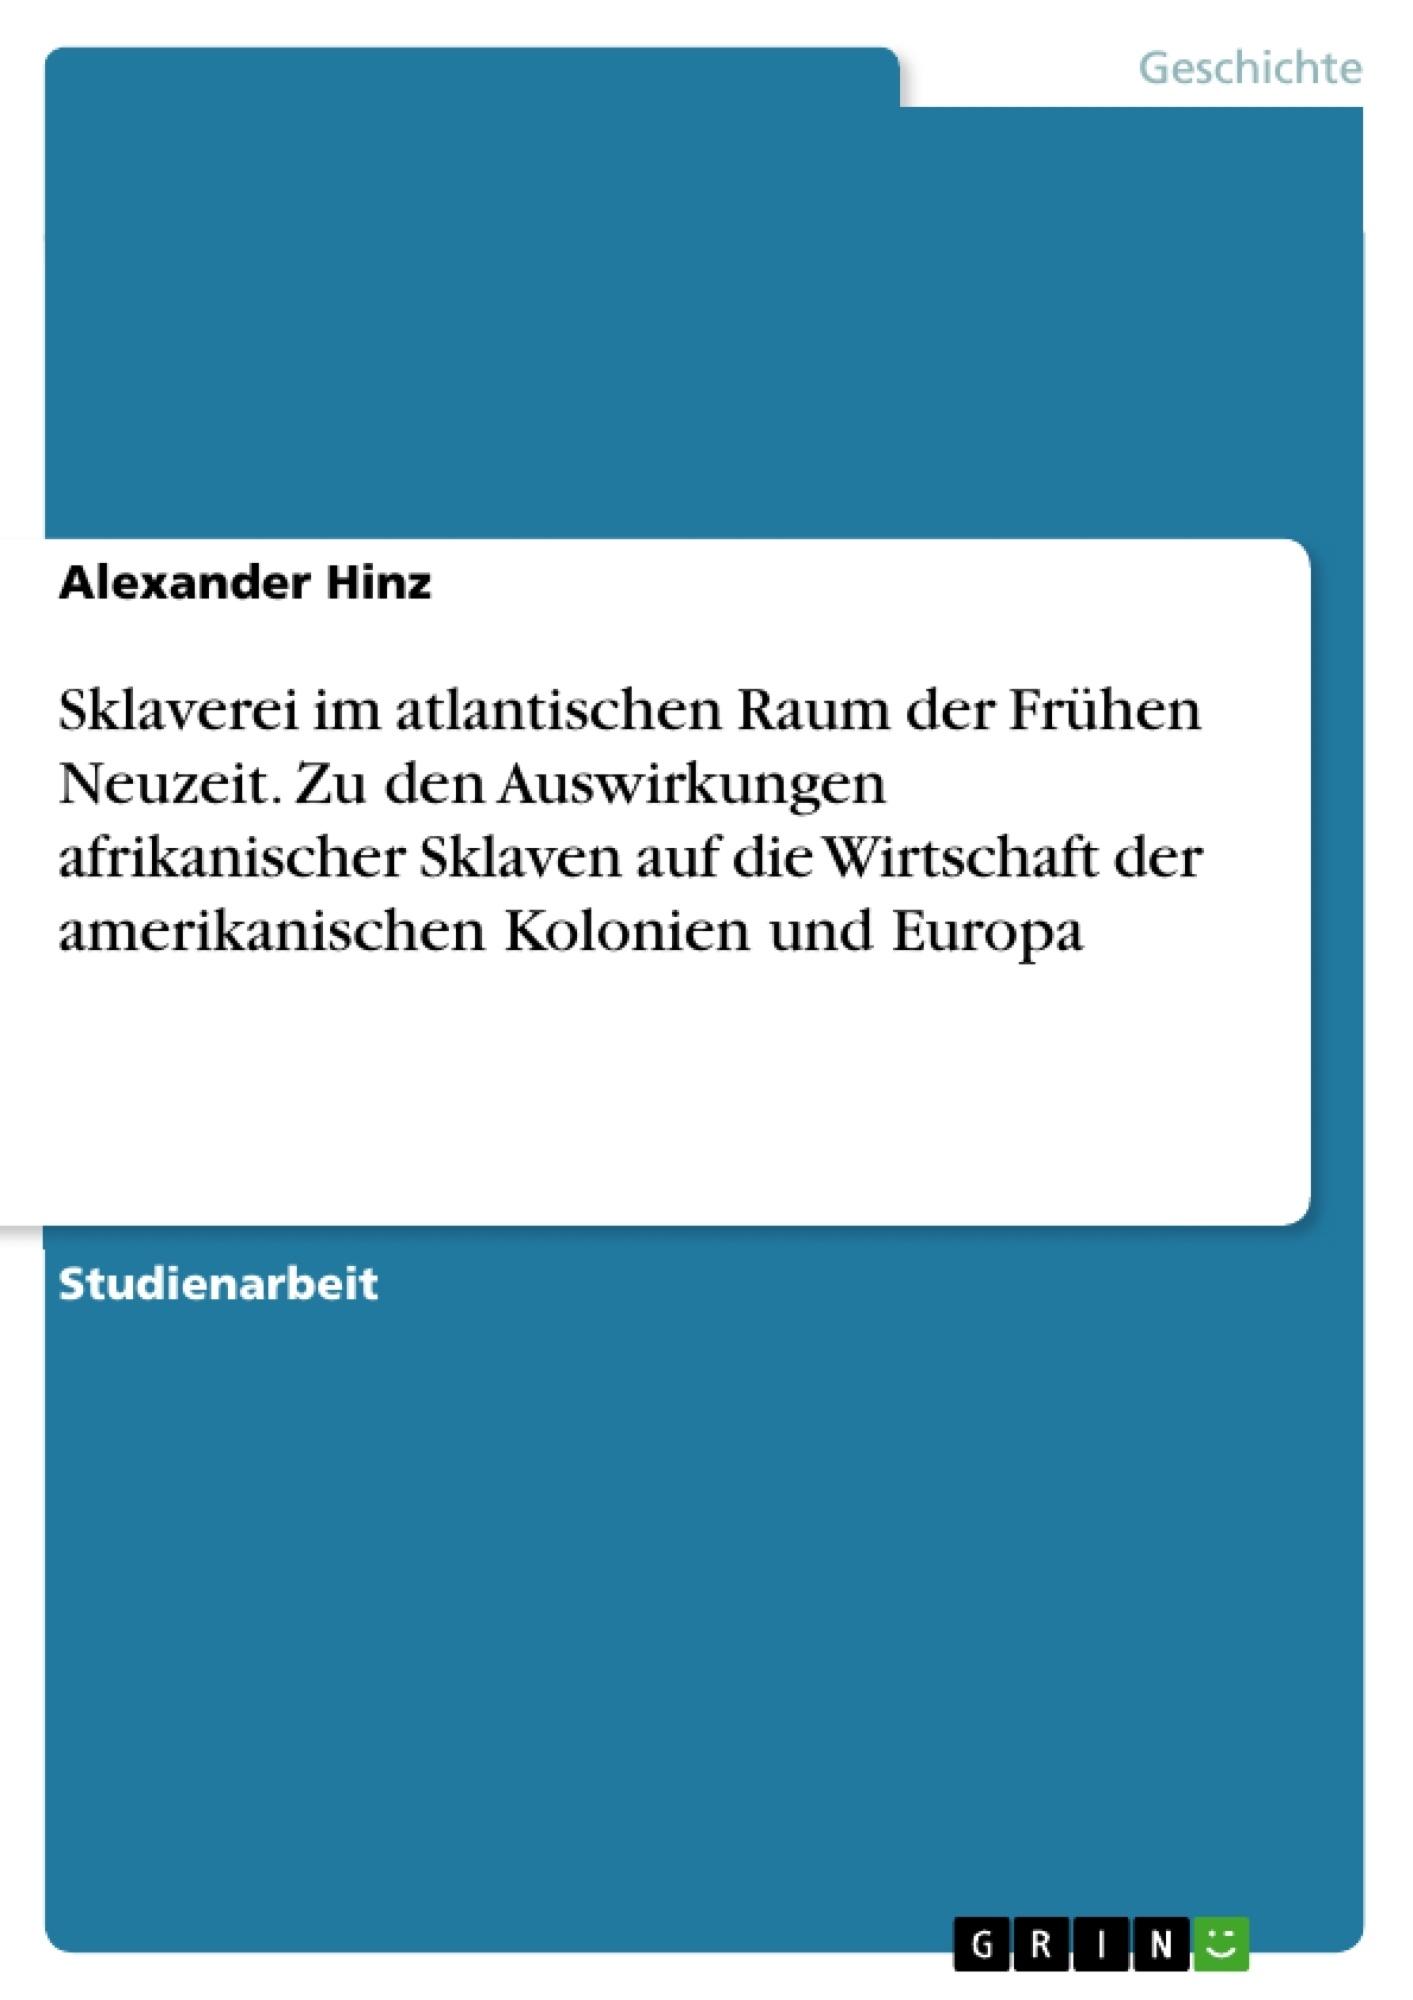 Titel: Sklaverei im atlantischen Raum der Frühen Neuzeit. Zu den Auswirkungen afrikanischer Sklaven auf die Wirtschaft der amerikanischen Kolonien und Europa